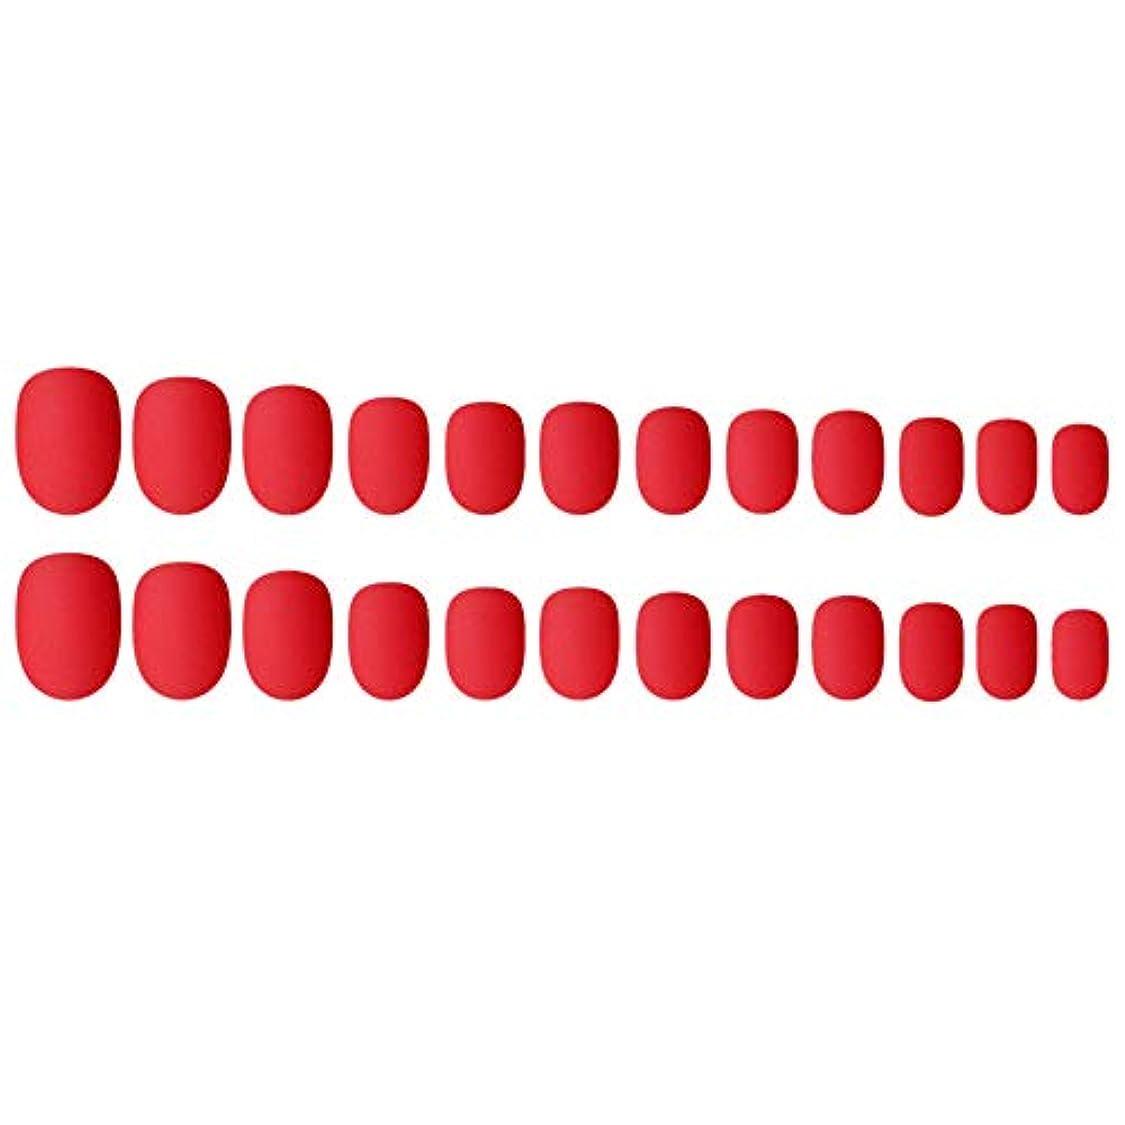 カラス振るいっぱいDecdeal ネイルチップ 24ピース 偽ネイルのヒント 12種類のサイズ ネイルサロン diy ネイルアートツール